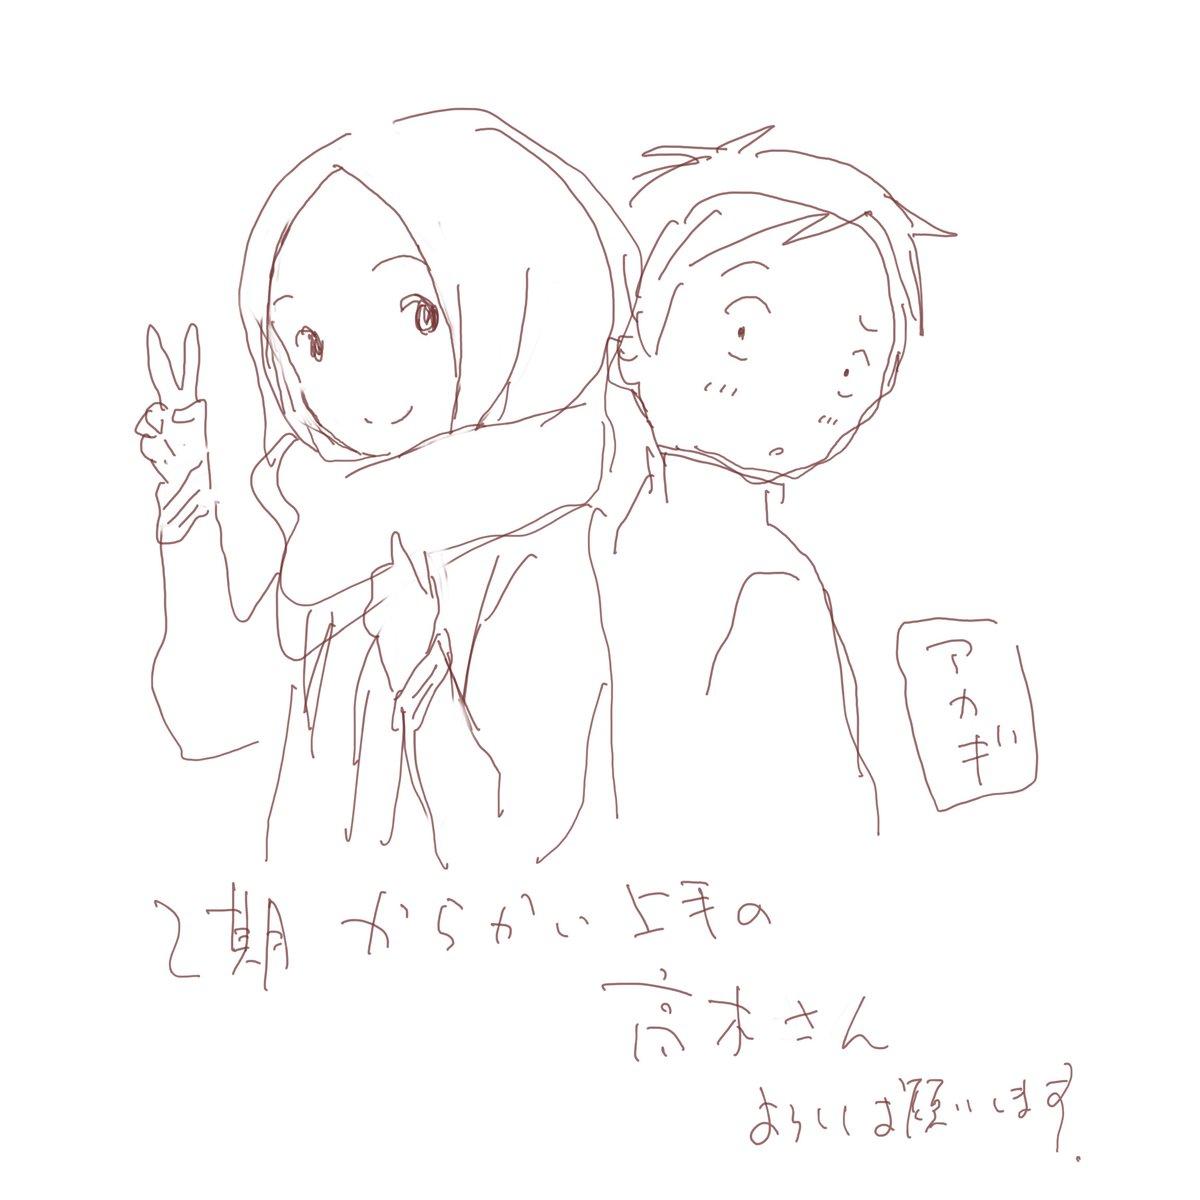 TVアニメ『からかい上手の高木さん』公式さんの投稿画像